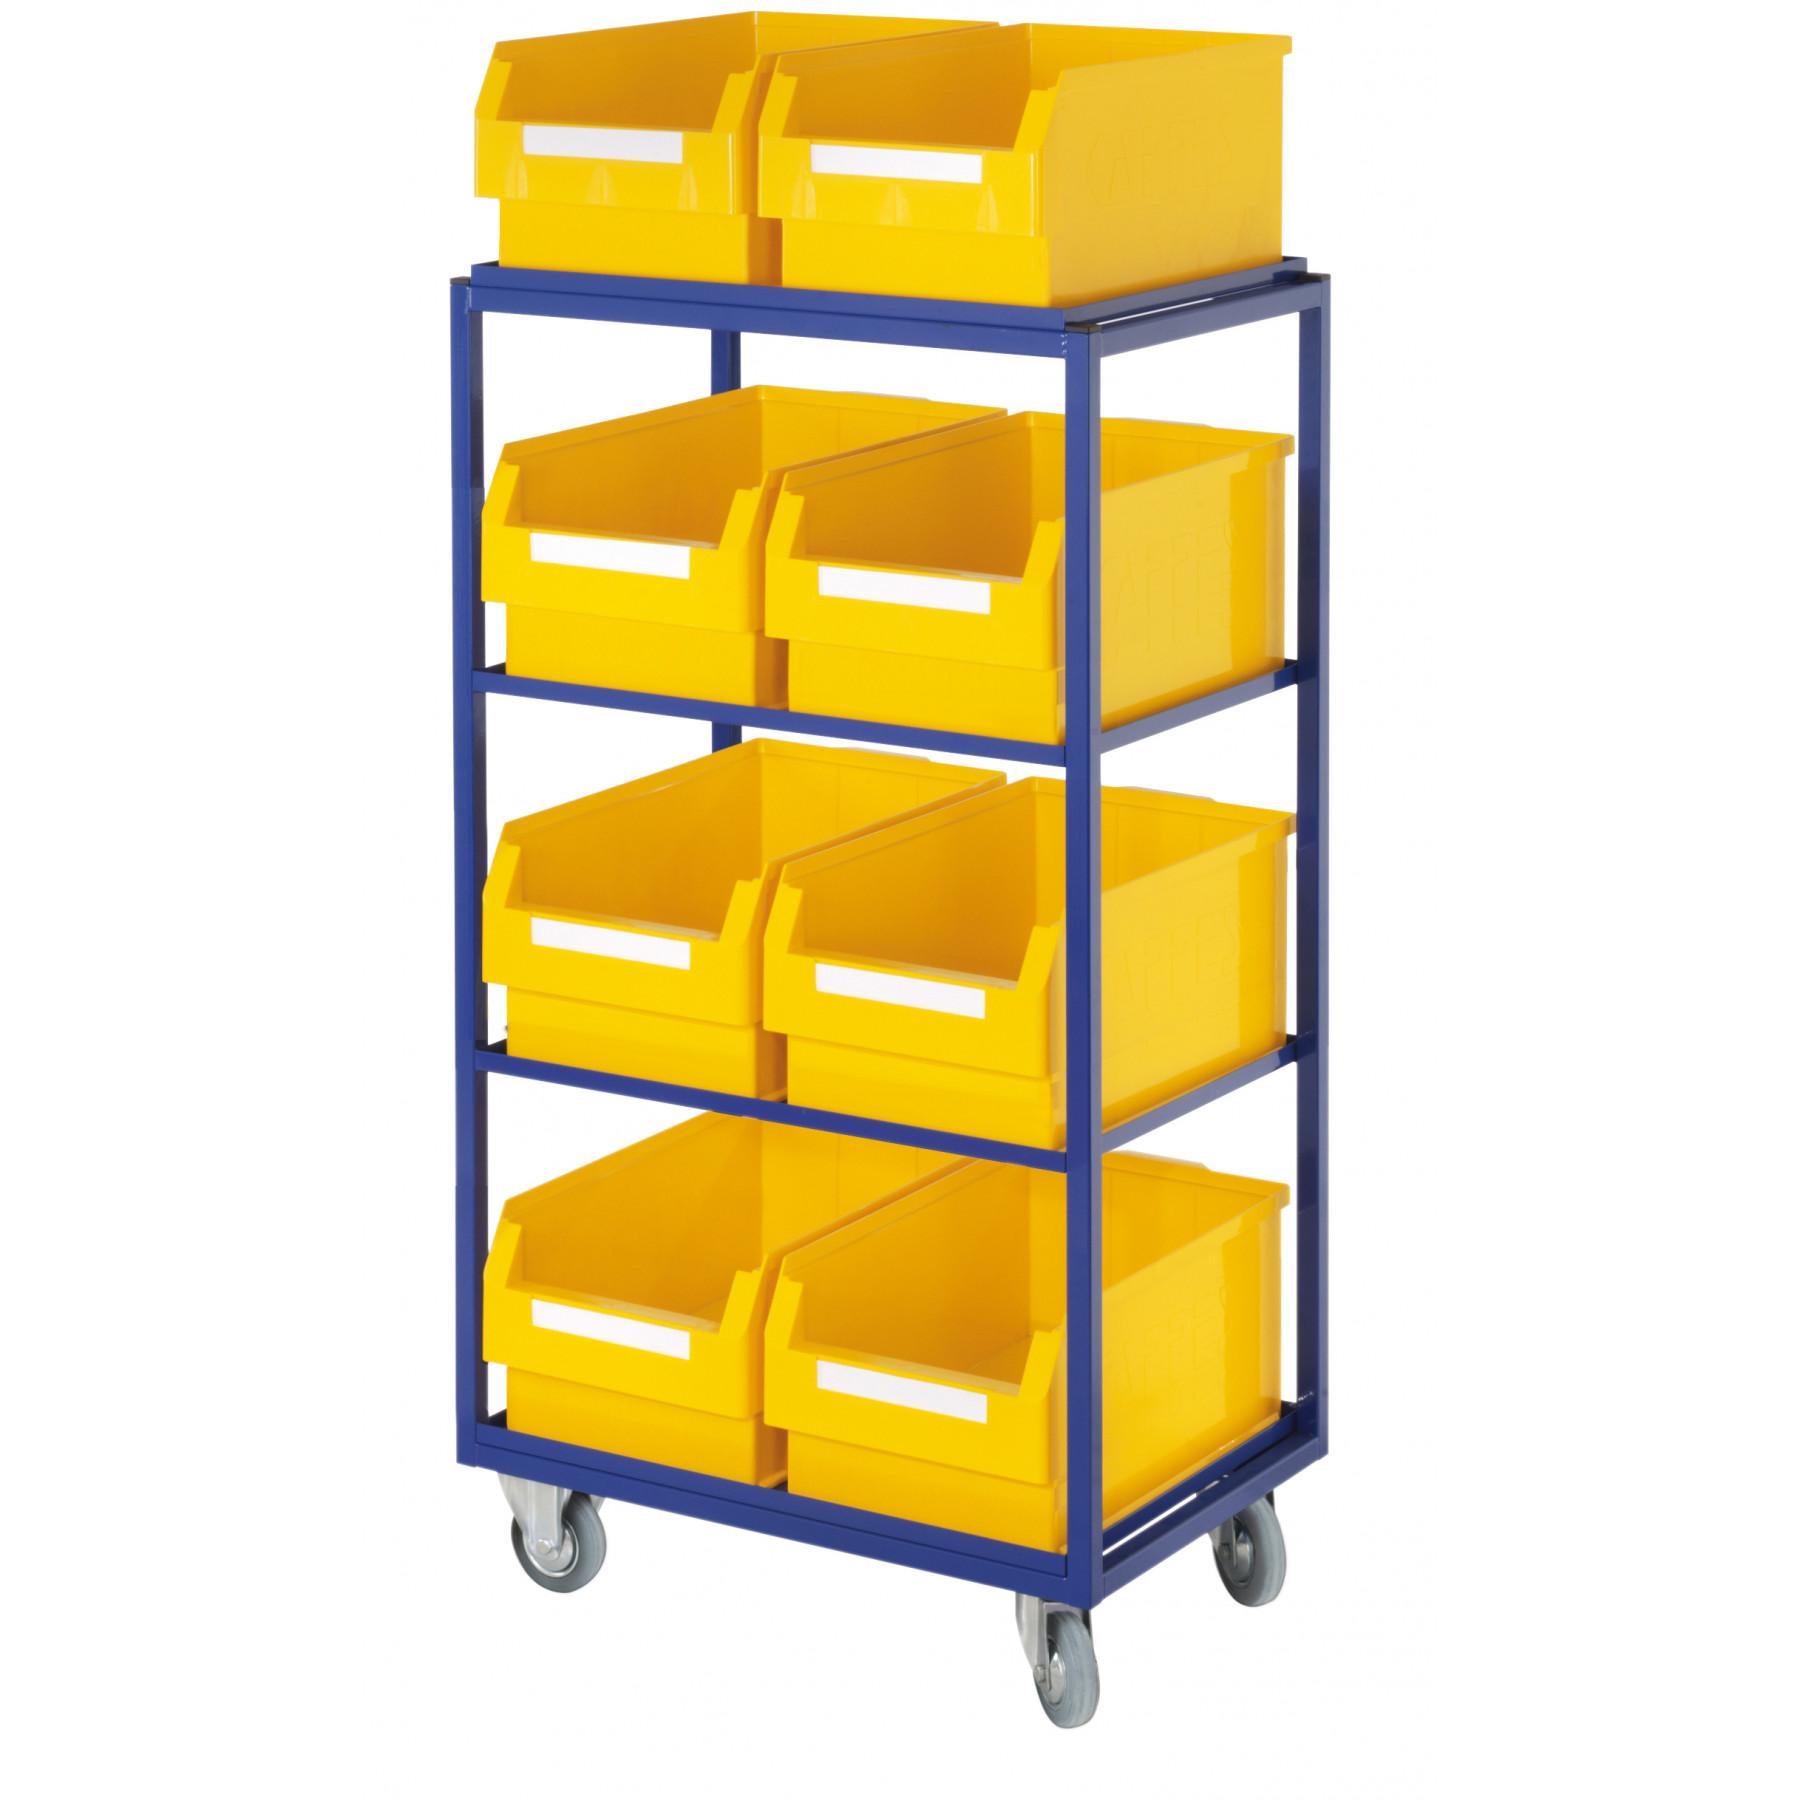 ®RasterPlan orderpickwagen met 4 rechte legborden en 8 magazijnbakken, 7706.01.0121